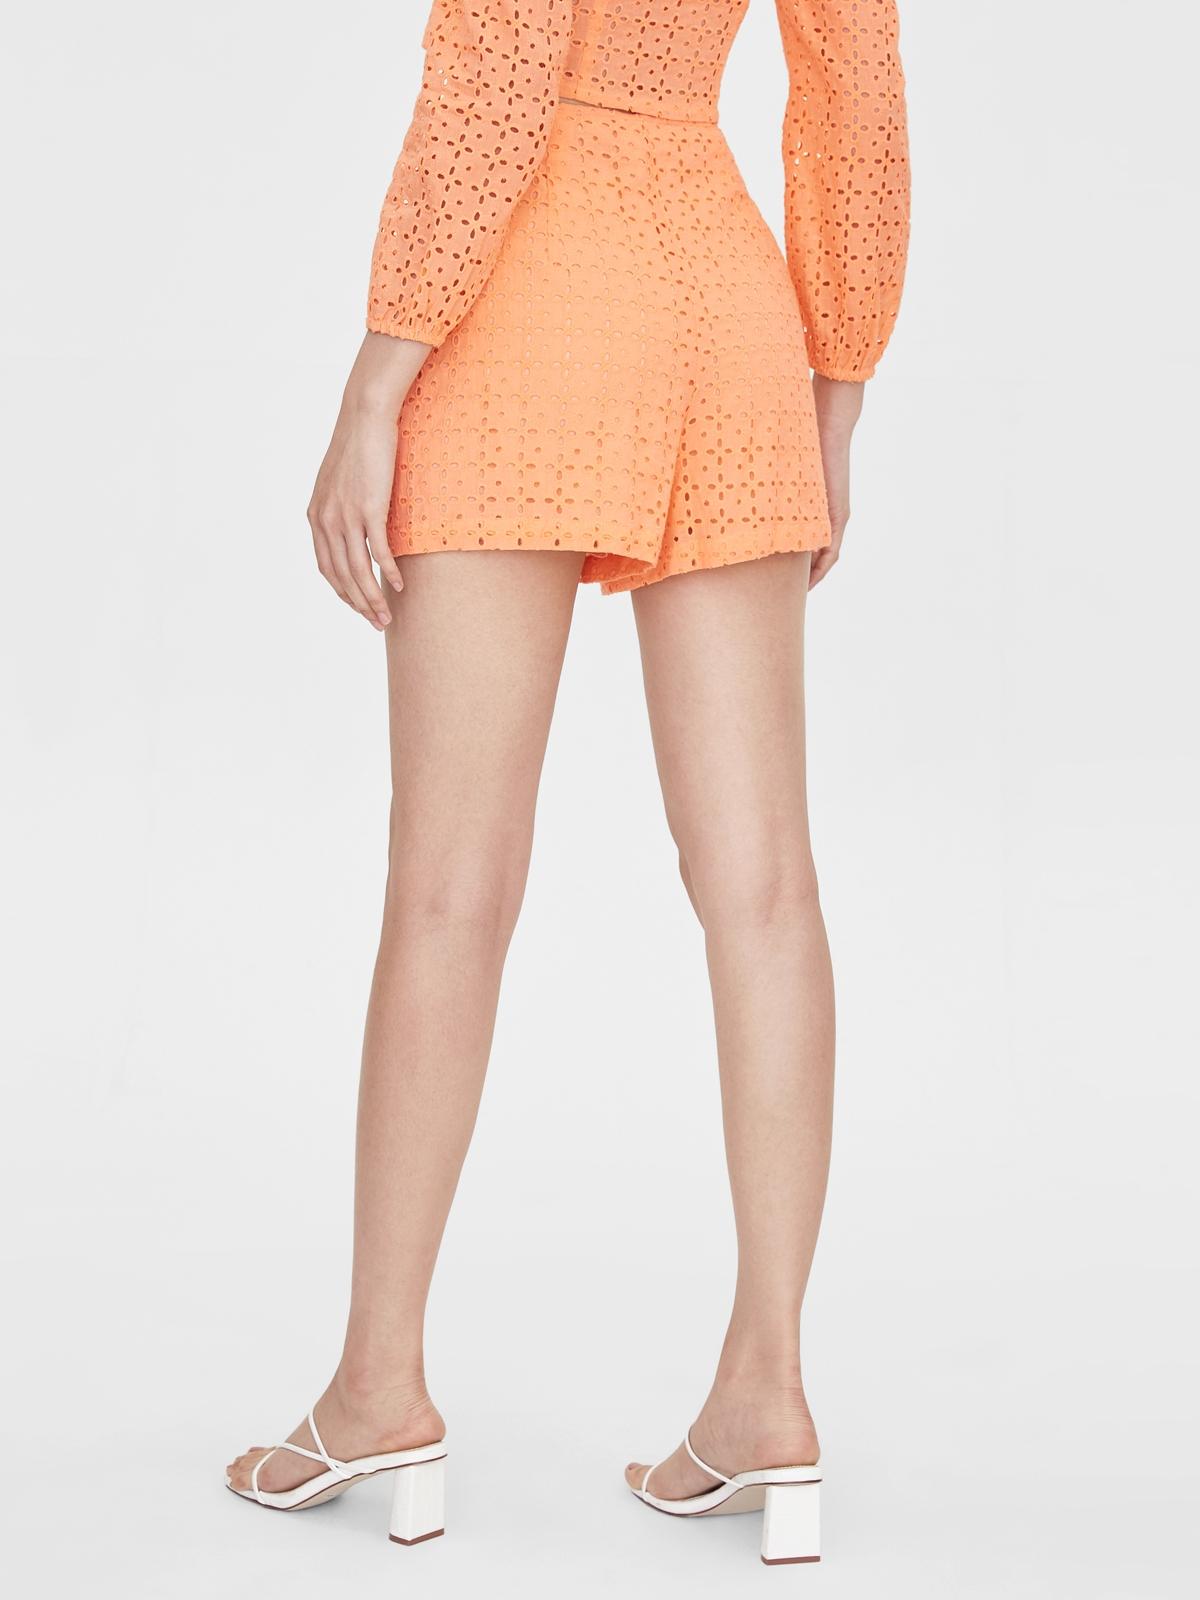 Eyelet Basic Shorts Peach